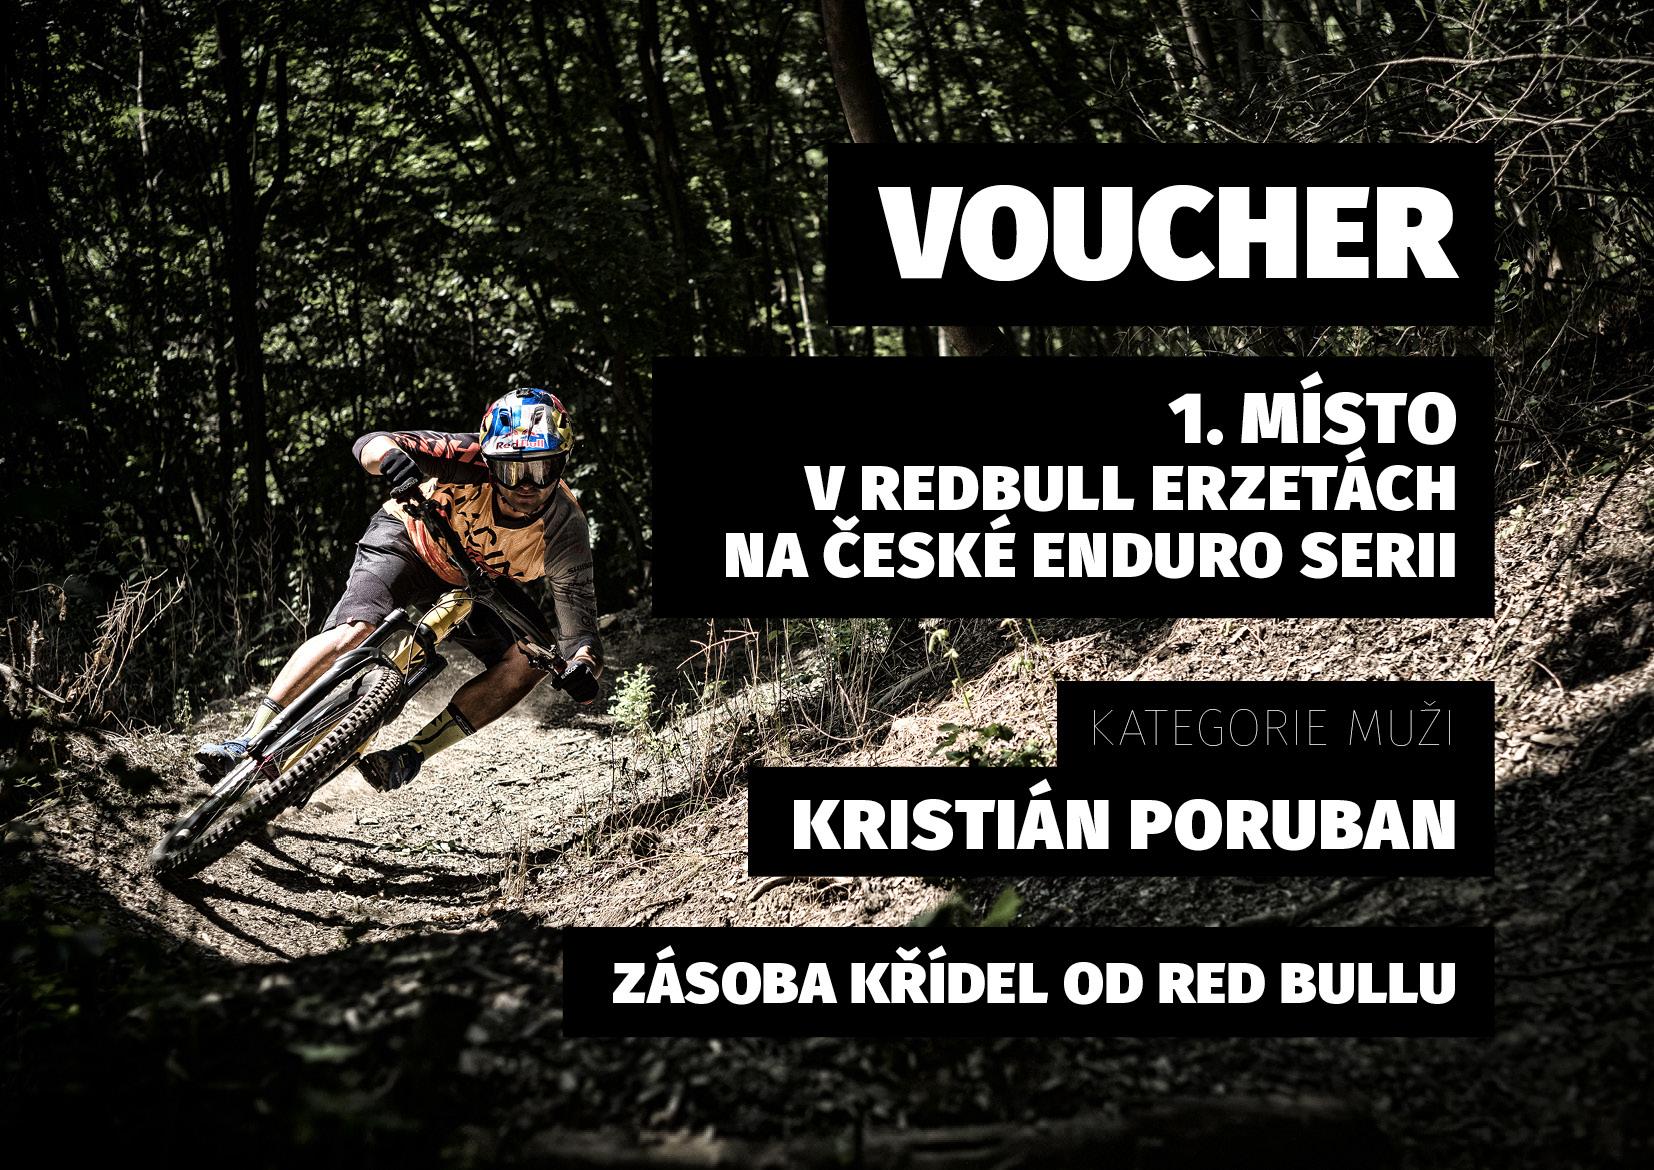 Voucher Red Bull Česká Enduro Serie 2018